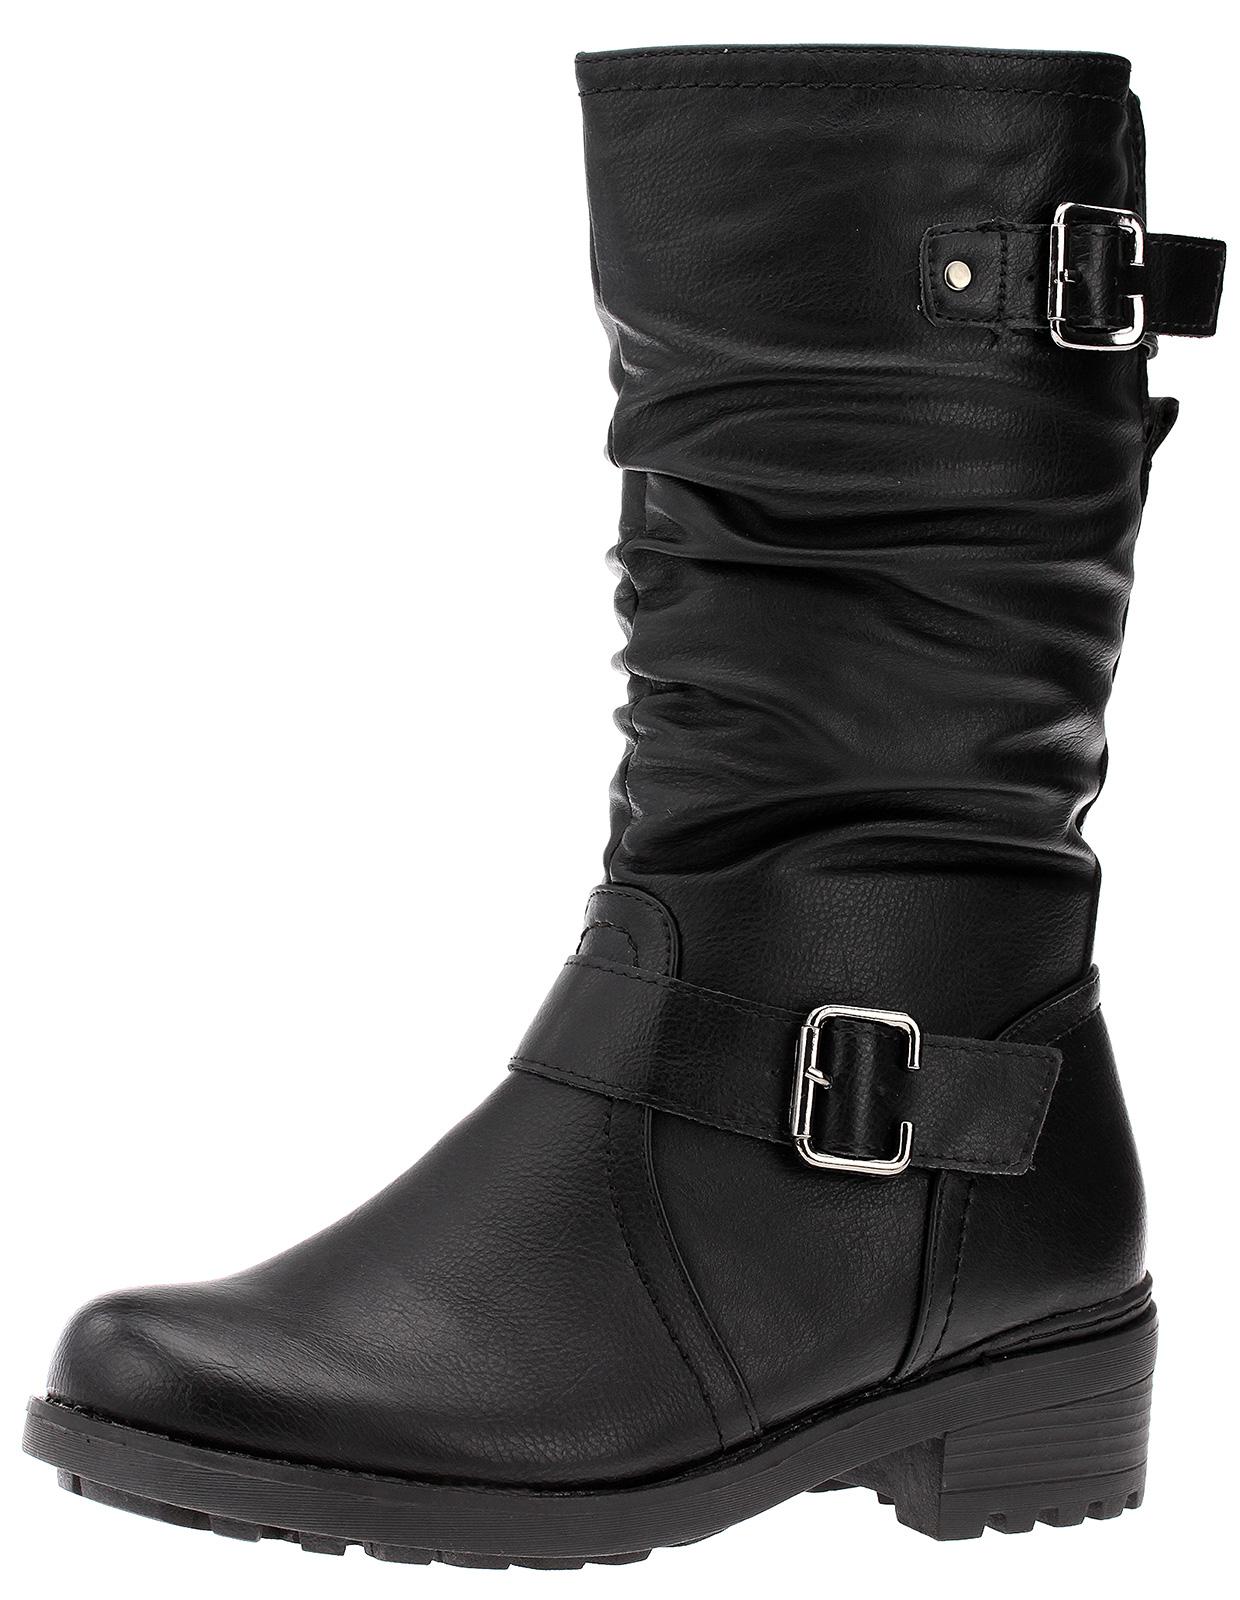 Damen Winterstiefel Stiefel Boots Gefüttert Schwarz